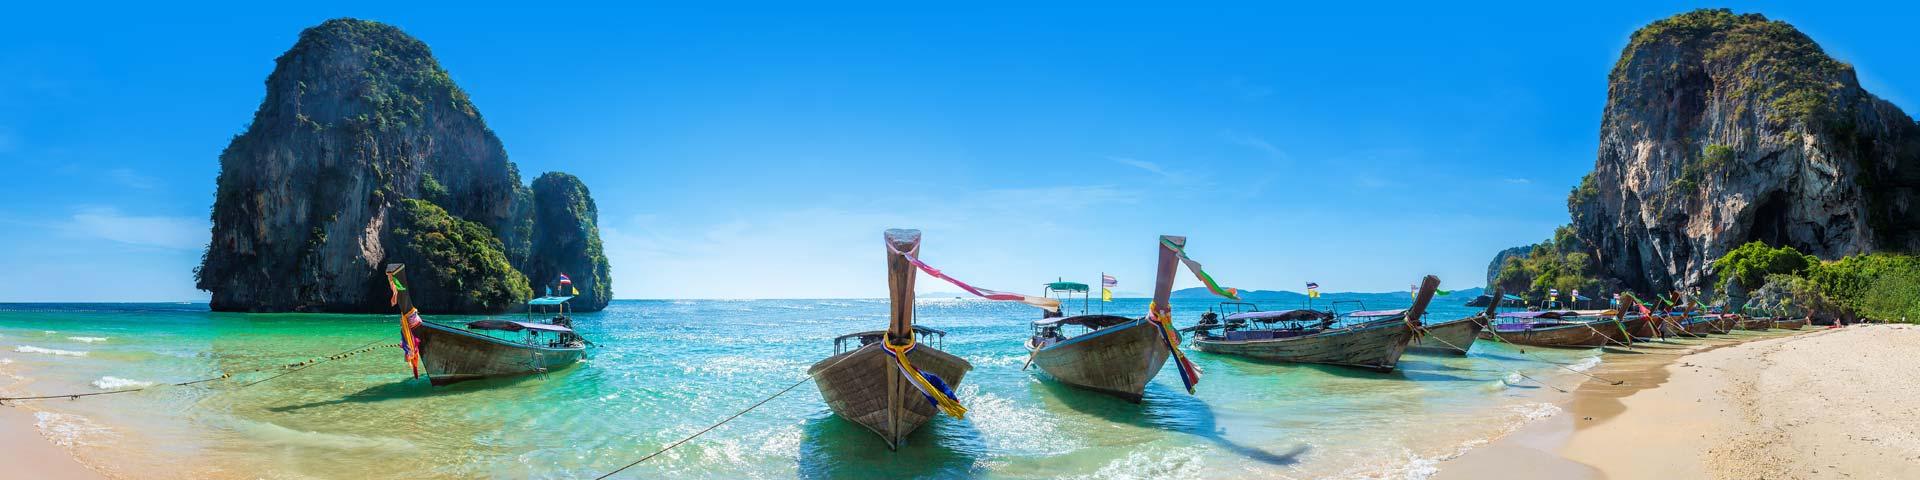 Houten Kano's in azuurblauwe zee in Azië